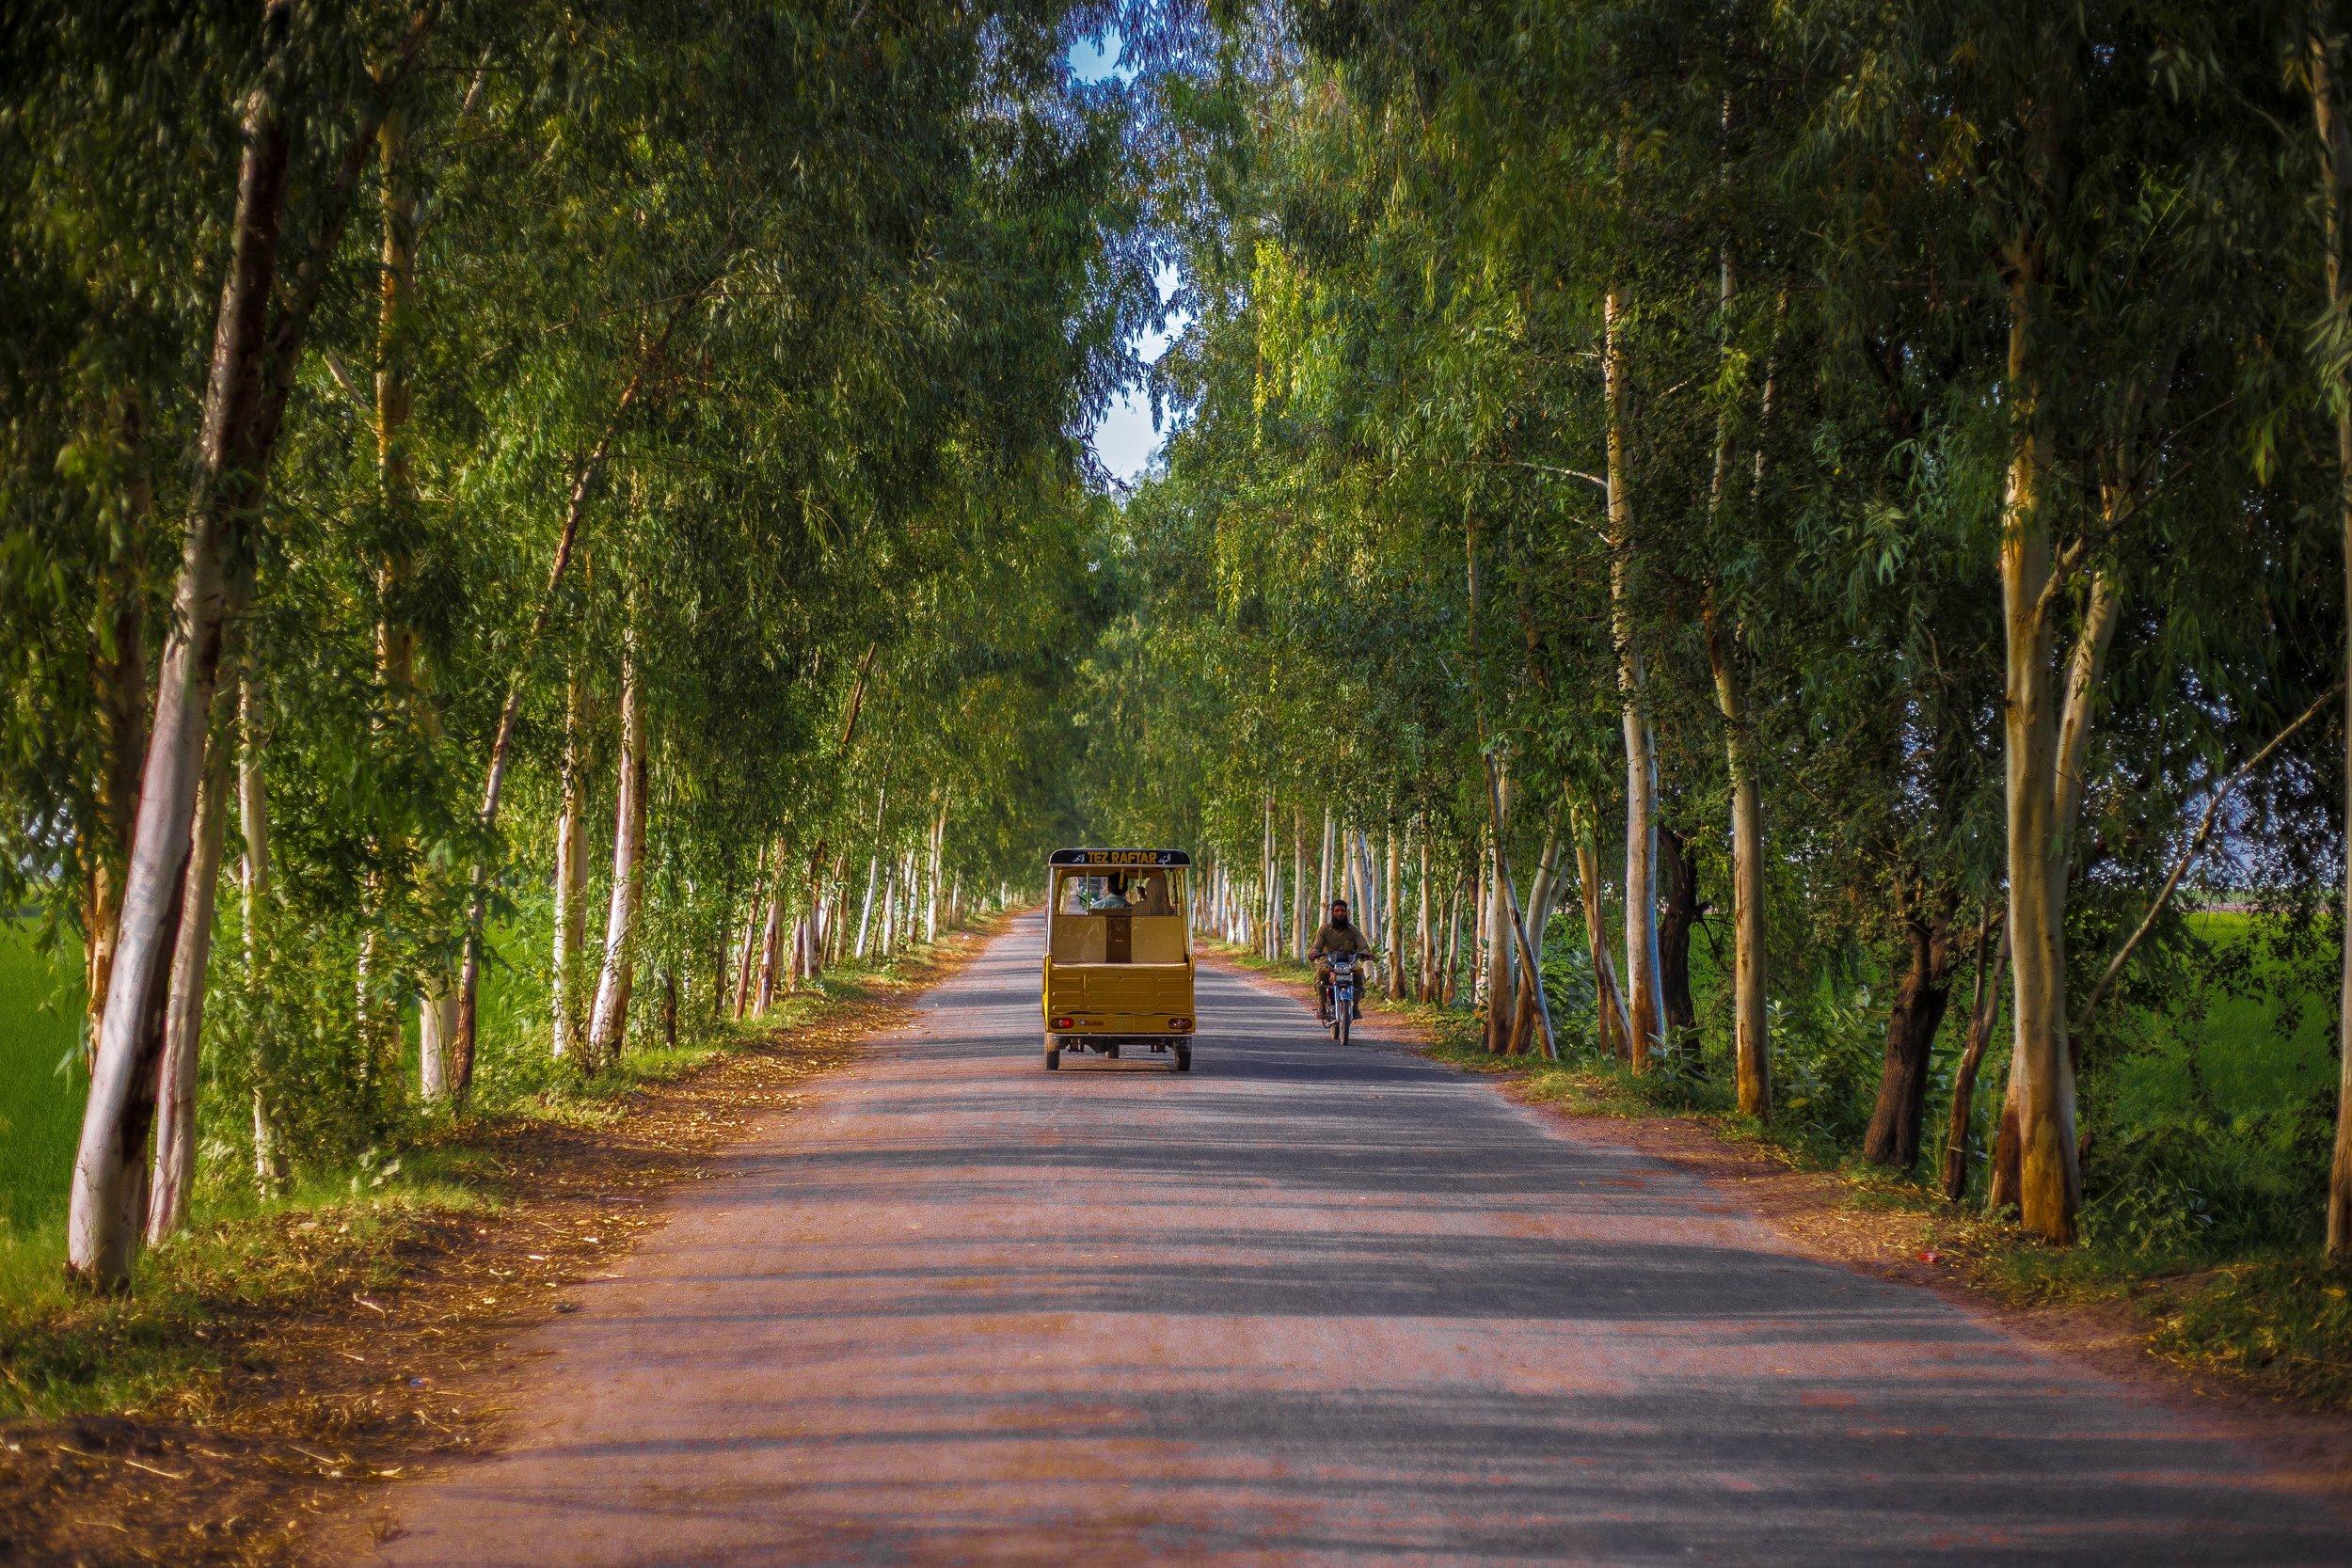 Photo 106 - Rikshaw in Village.jpg